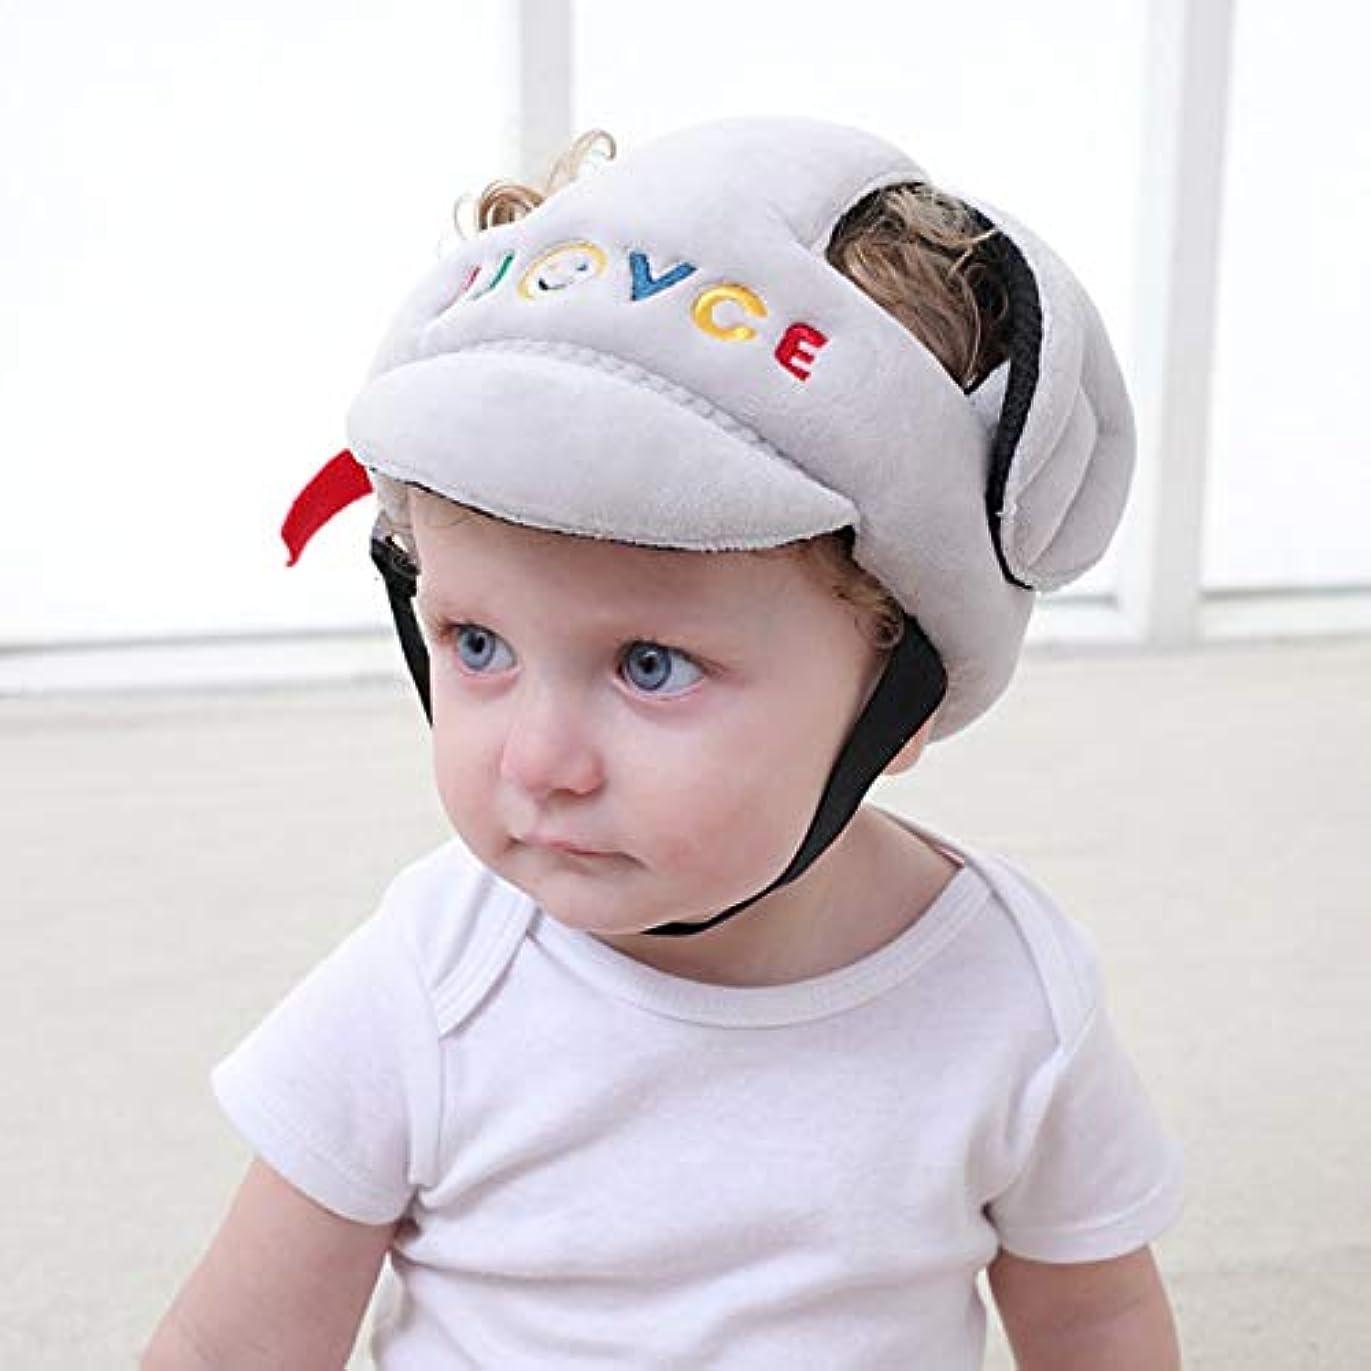 明日蓄積するフクロウ赤ちゃんの転倒防止キャップ赤ちゃん幼児衝突防止帽子粉砕防止帽子子供用安全ヘルメット帽子グレー-カラフル